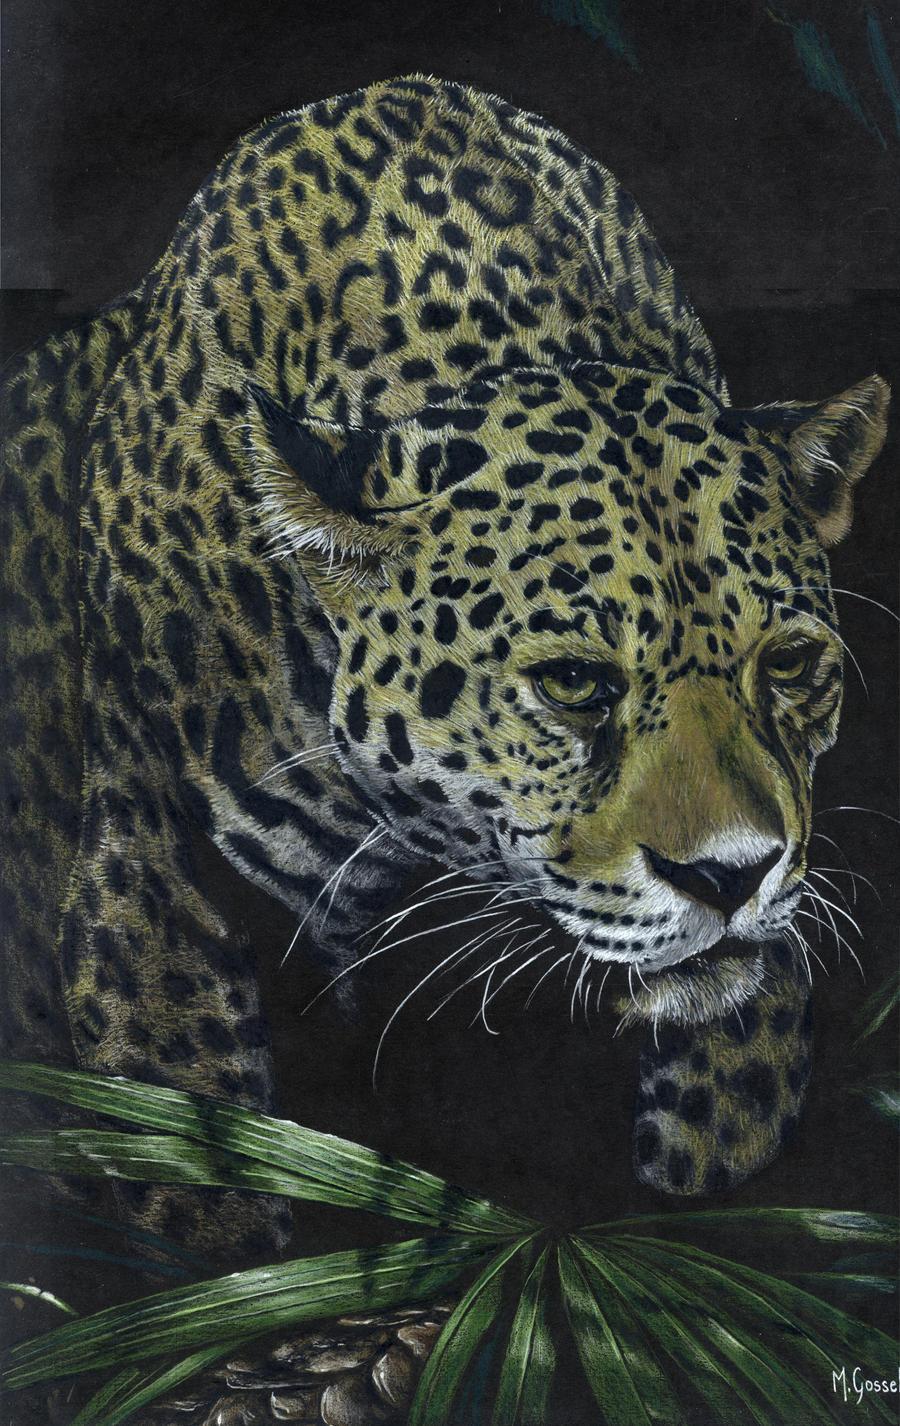 Jaguar by marcgosselin